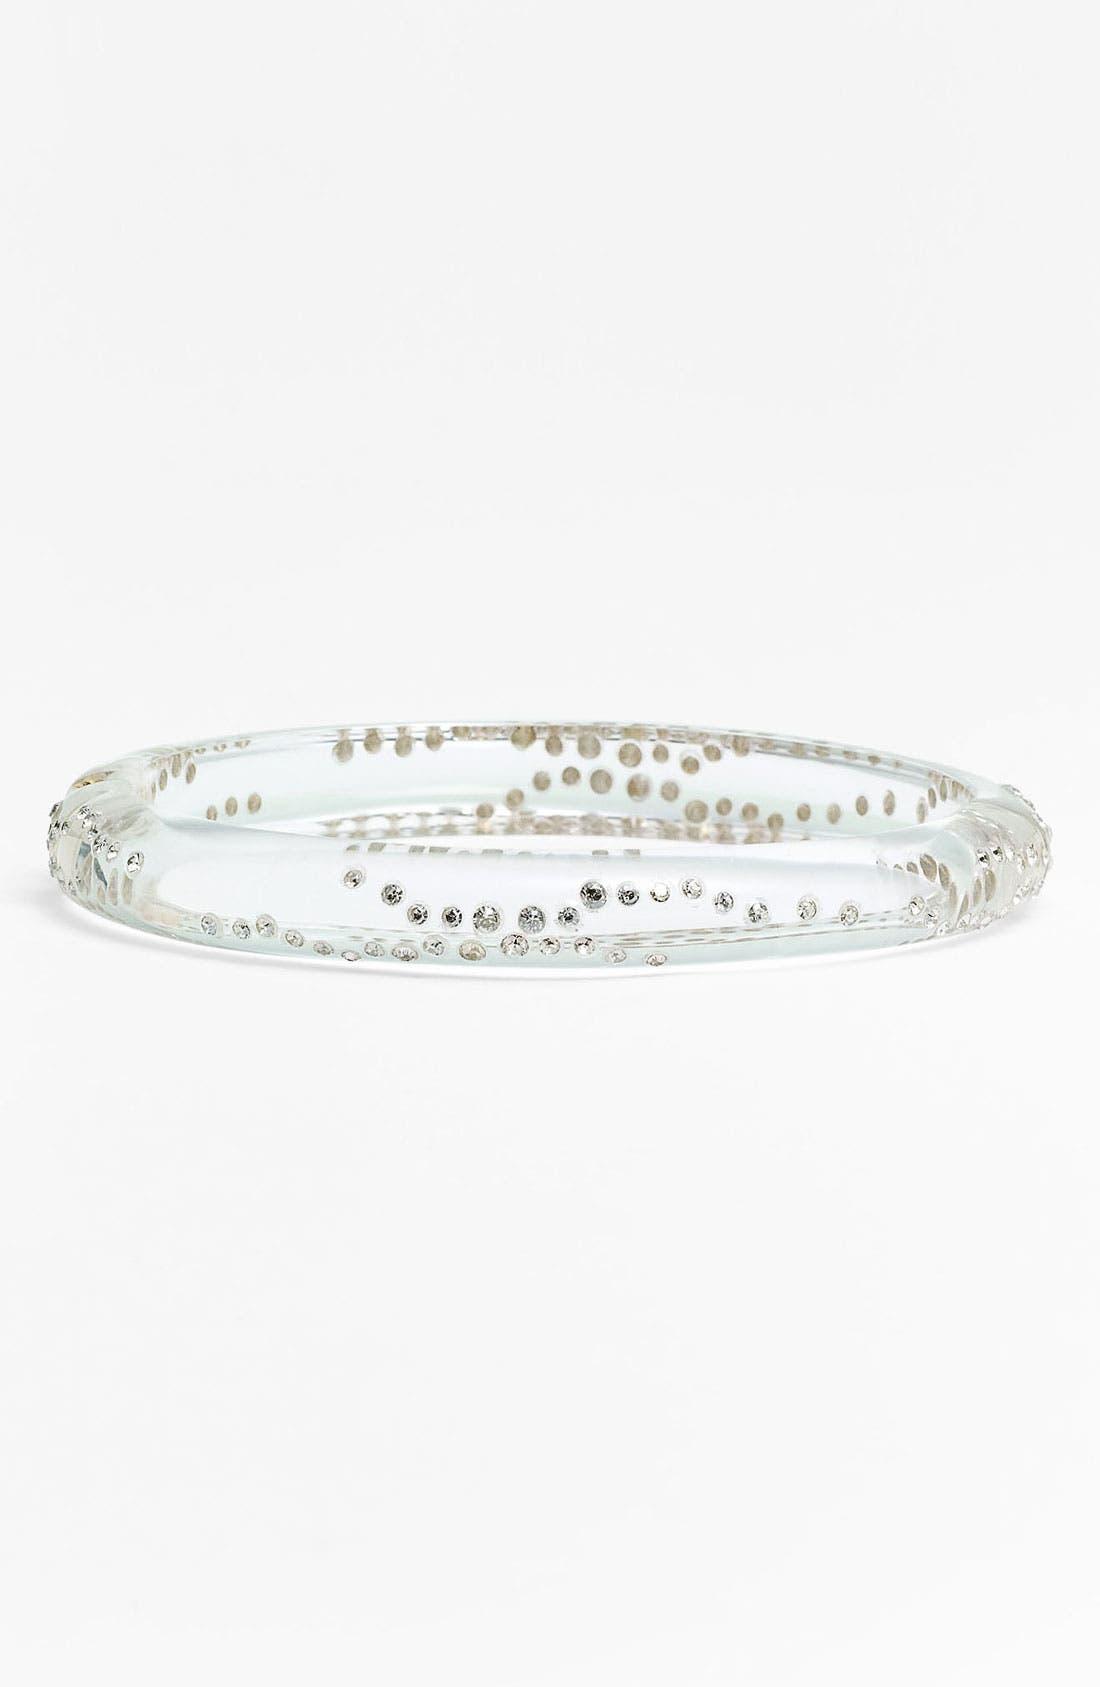 Main Image - Alexis Bittar 'Lucite® - Dust' Bracelet